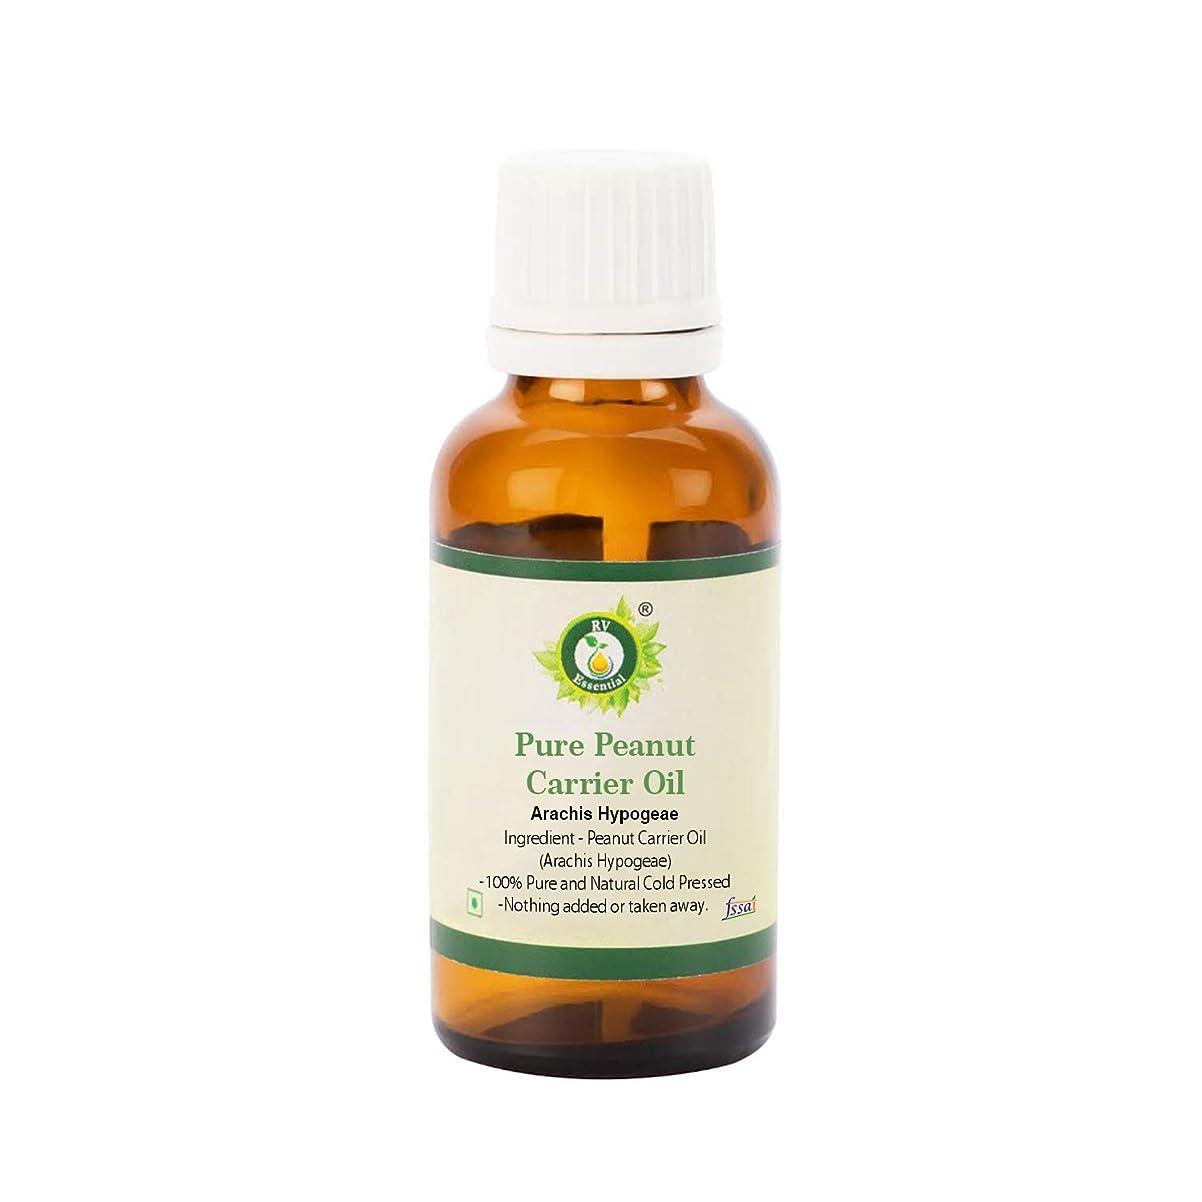 ライナー急襲むちゃくちゃR V Essential 純粋なピーナッツキャリアオイル5ml (0.169oz)- Arachis Hypogeae (100%ピュア&ナチュラルコールドPressed) Pure Peanut Carrier Oil